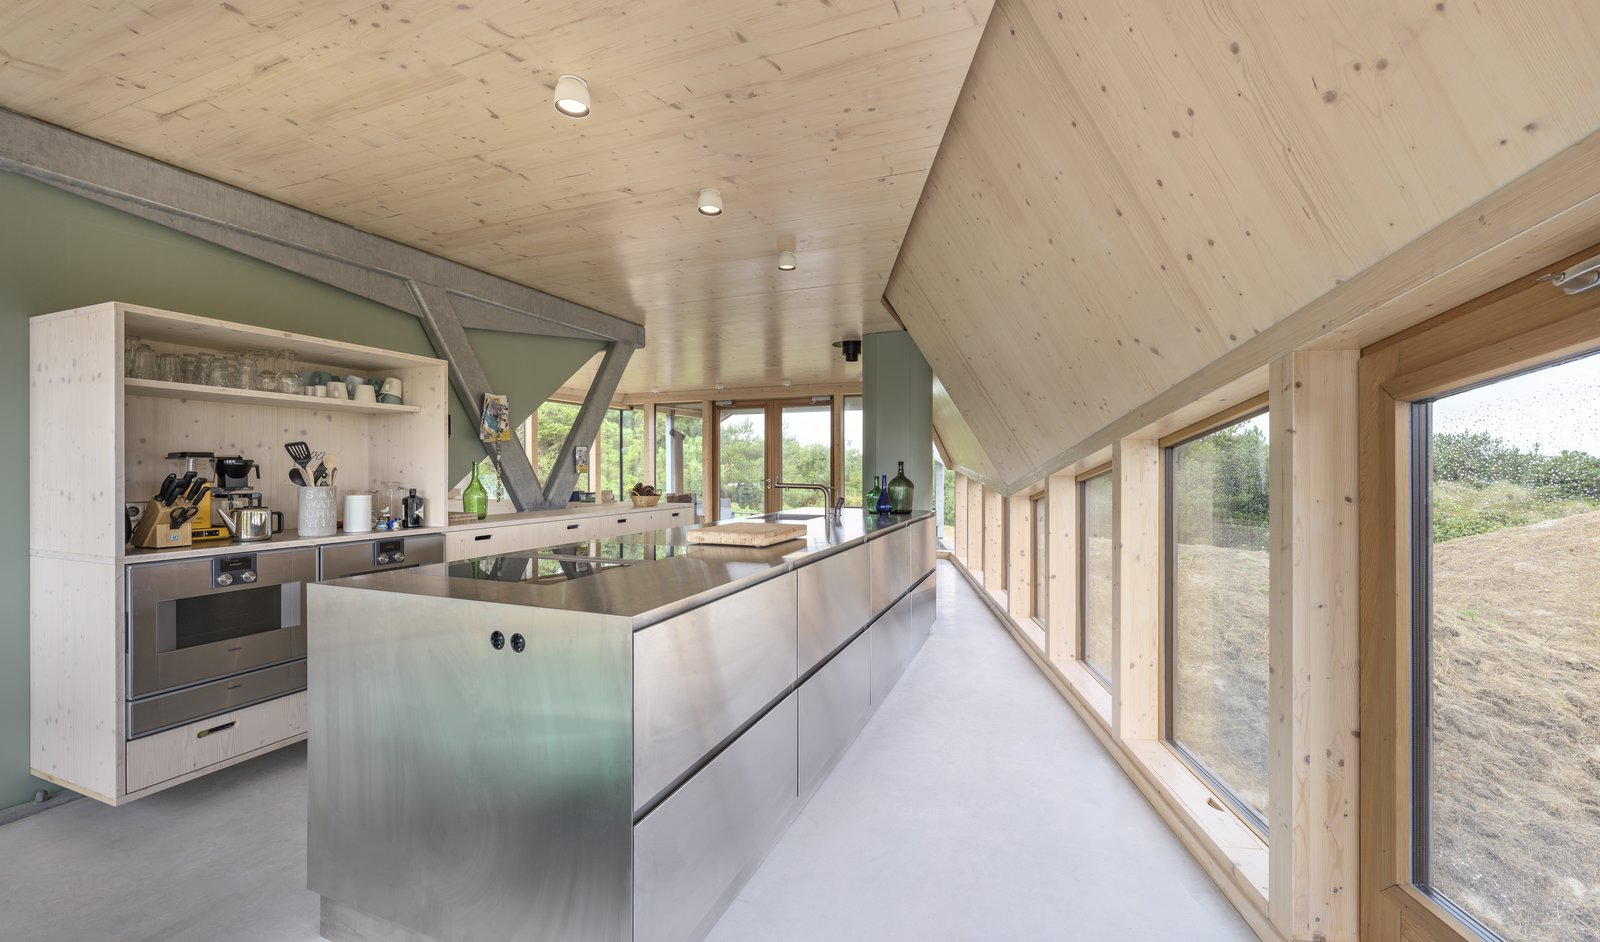 The open plan kitchen on the ground floor.